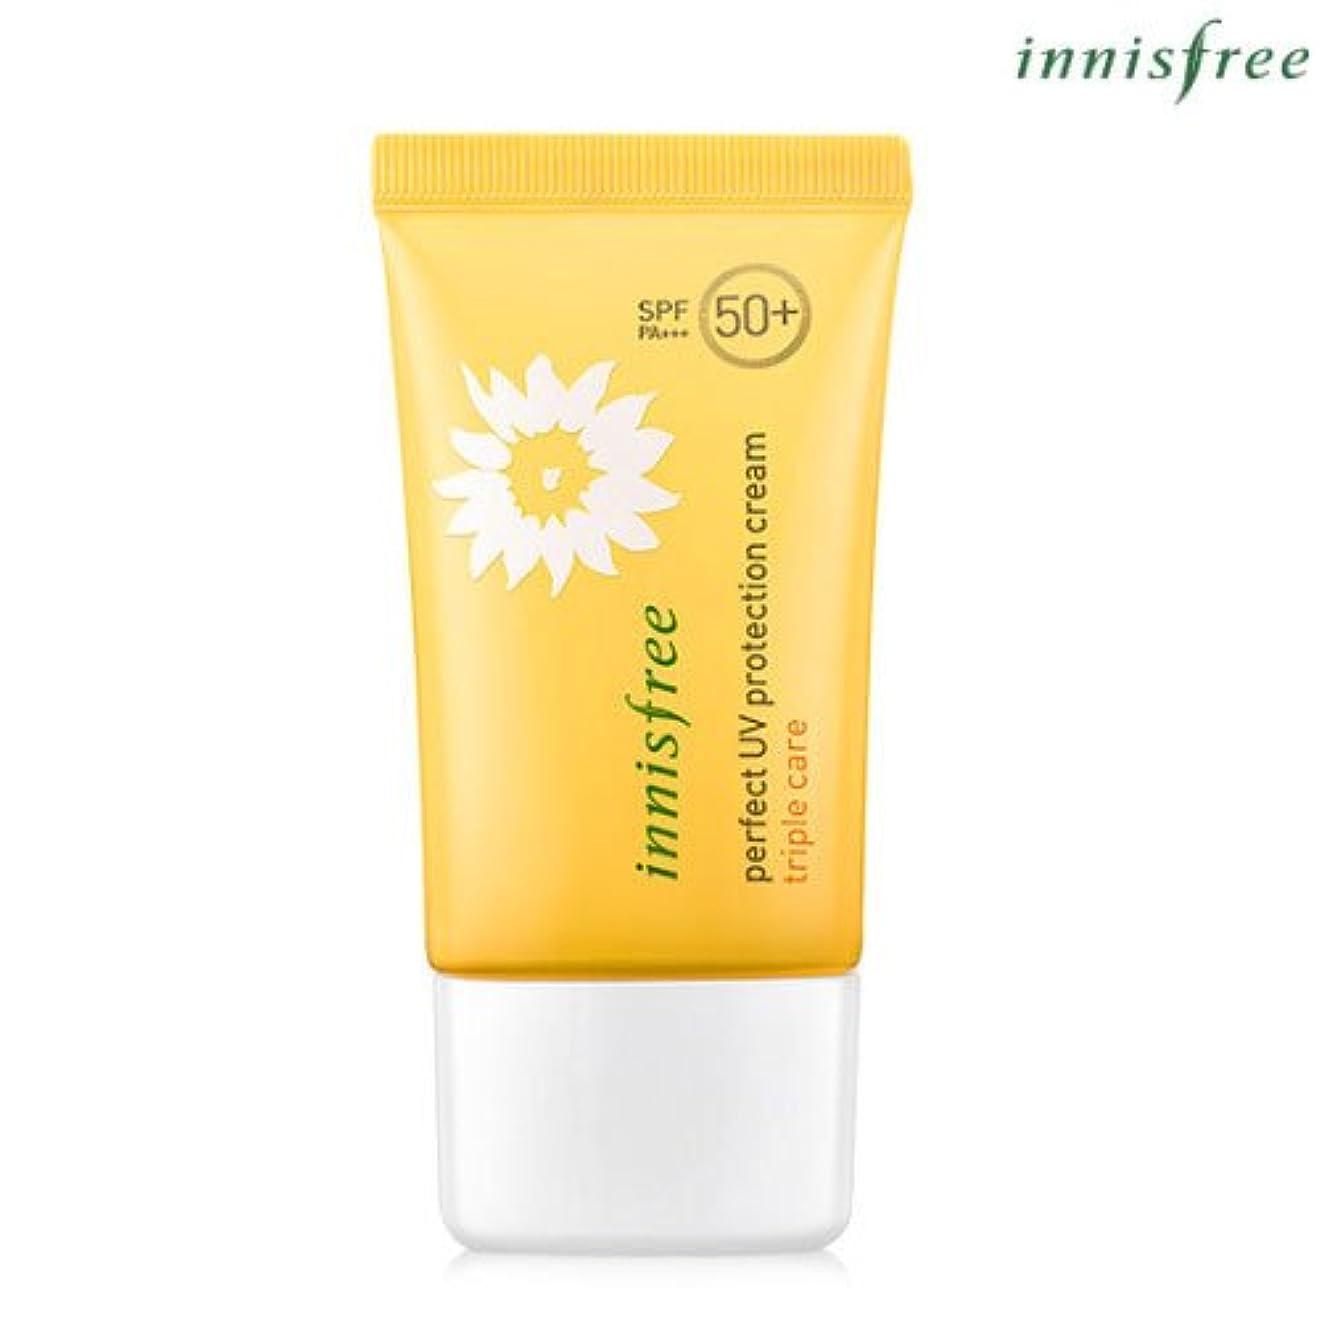 レポートを書くインペリアル修士号[INNISFREE]イニスフリーパーフェクトUV プロテクション クリームトリプルケアSPF50+ PA+++ 50mL perfect UV protection cream triple care SPF50+ PA...